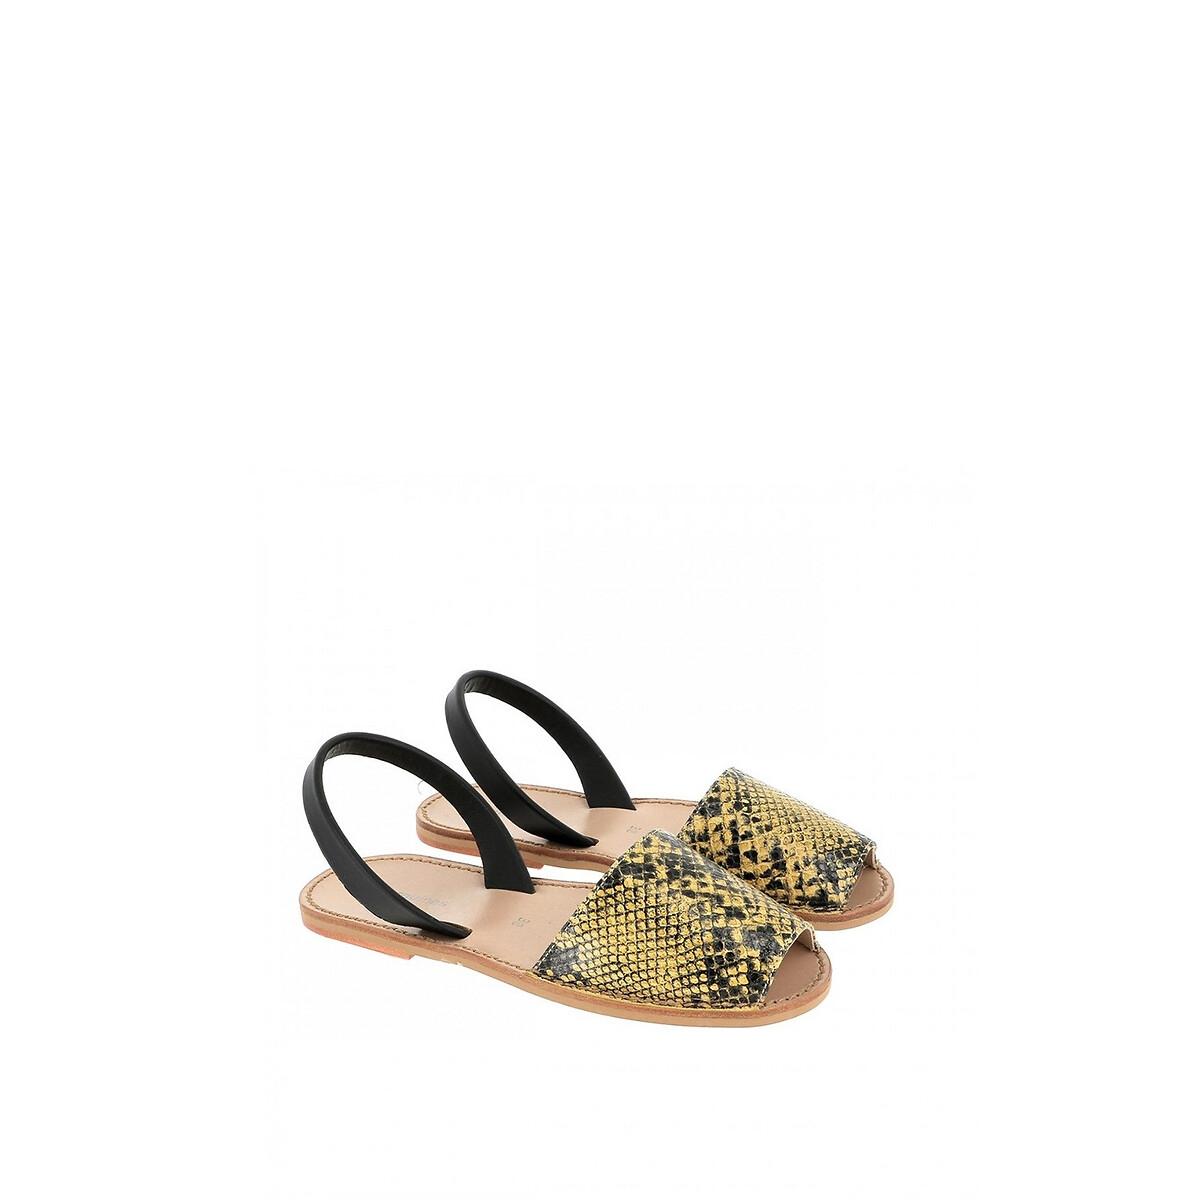 Фото - Сандалии LaRedoute Кожаные на плоском каблуке AVARCA REPTILE 37 желтый сандалии la redoute из кожи с перекрещенными ремешками на плоском каблуке 39 розовый